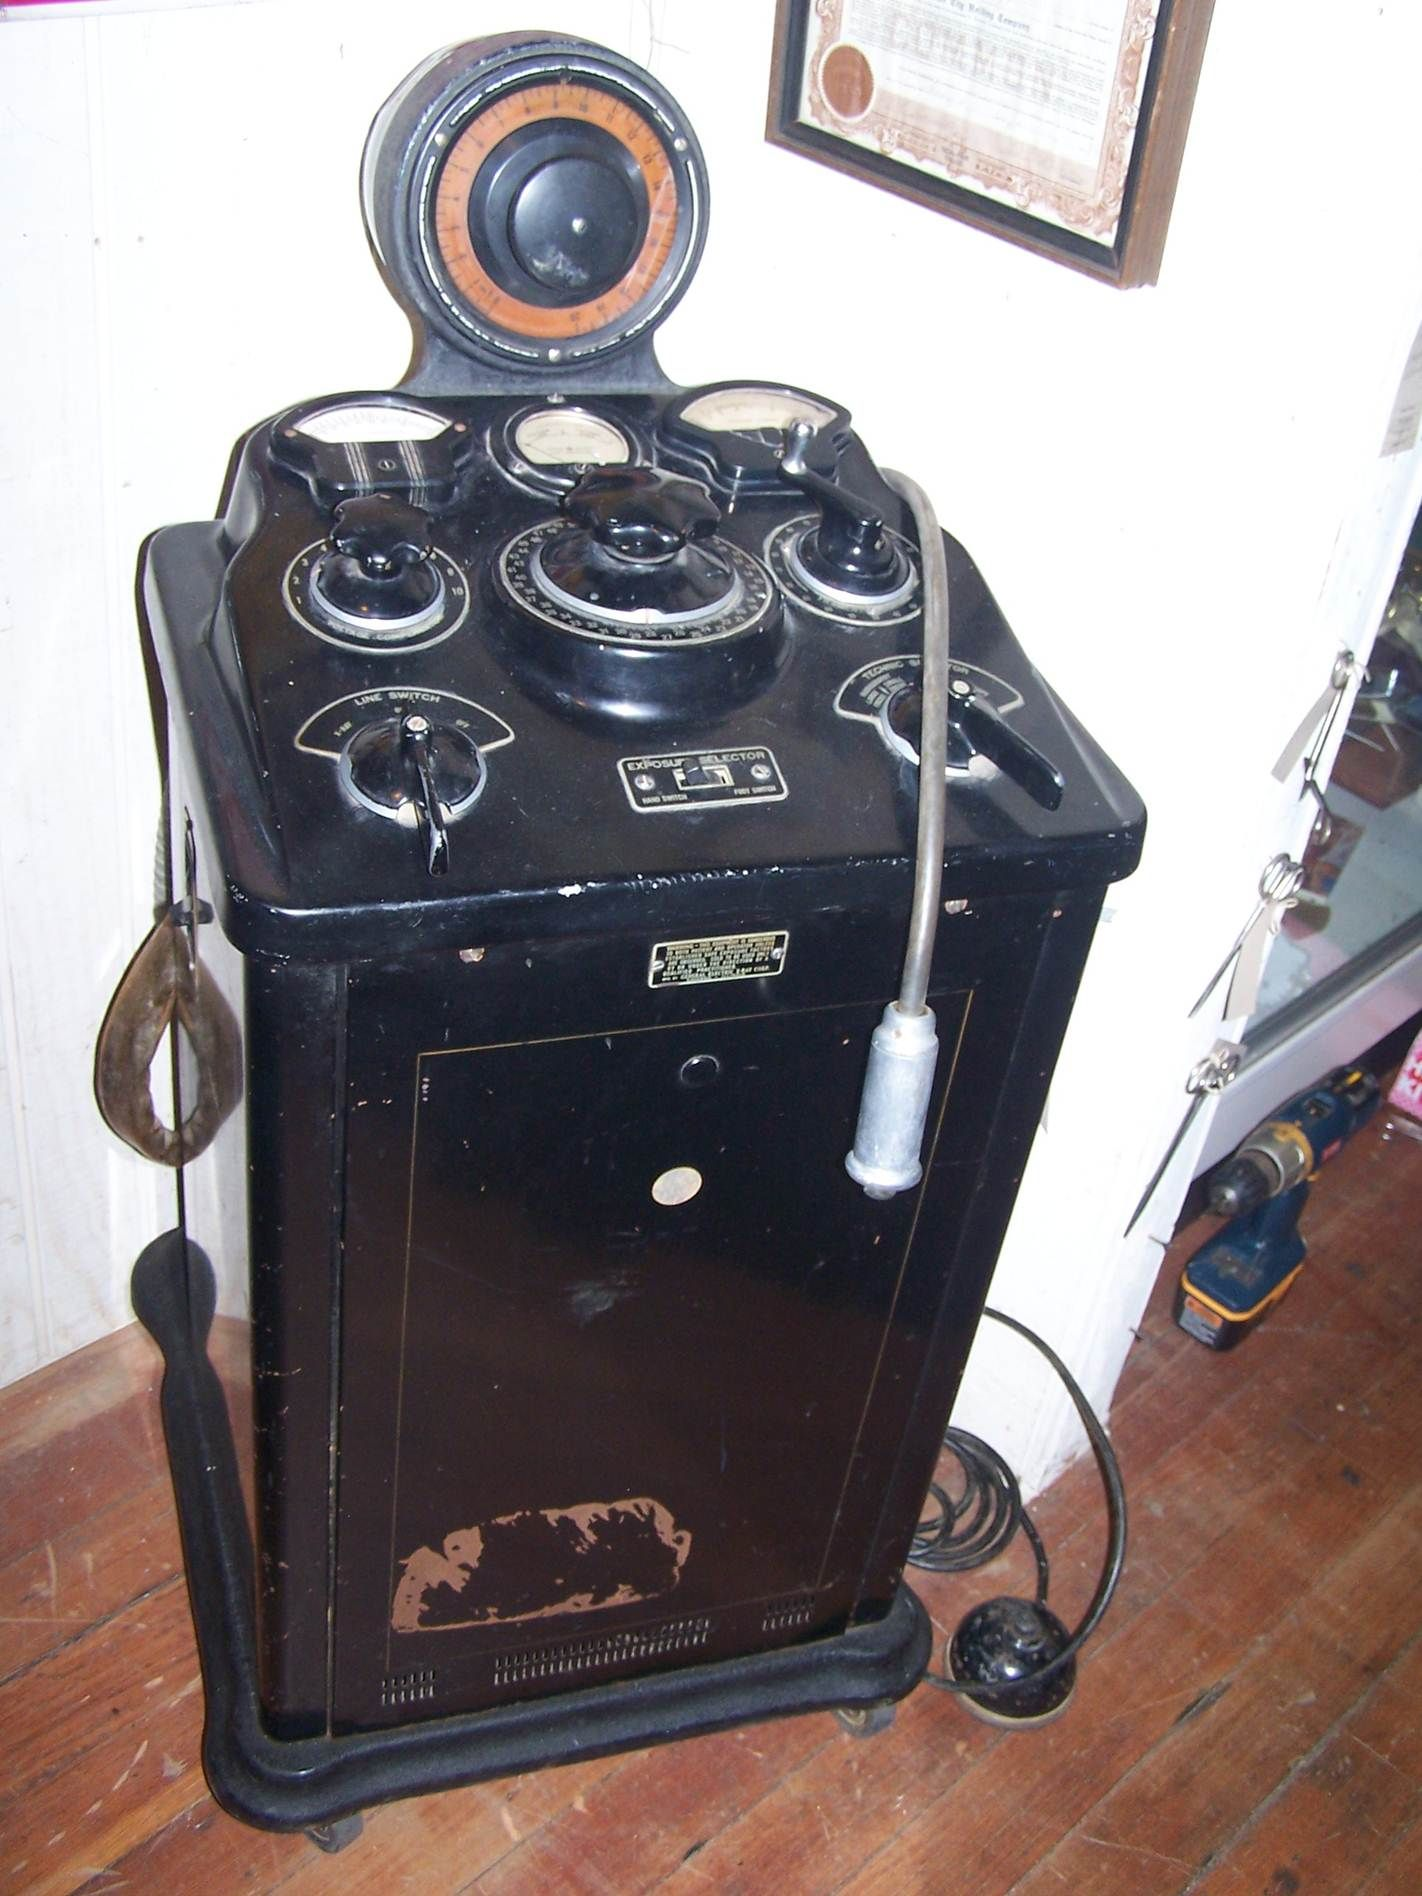 Xray machine Found In Attic 714.388.6691 Vintage medical